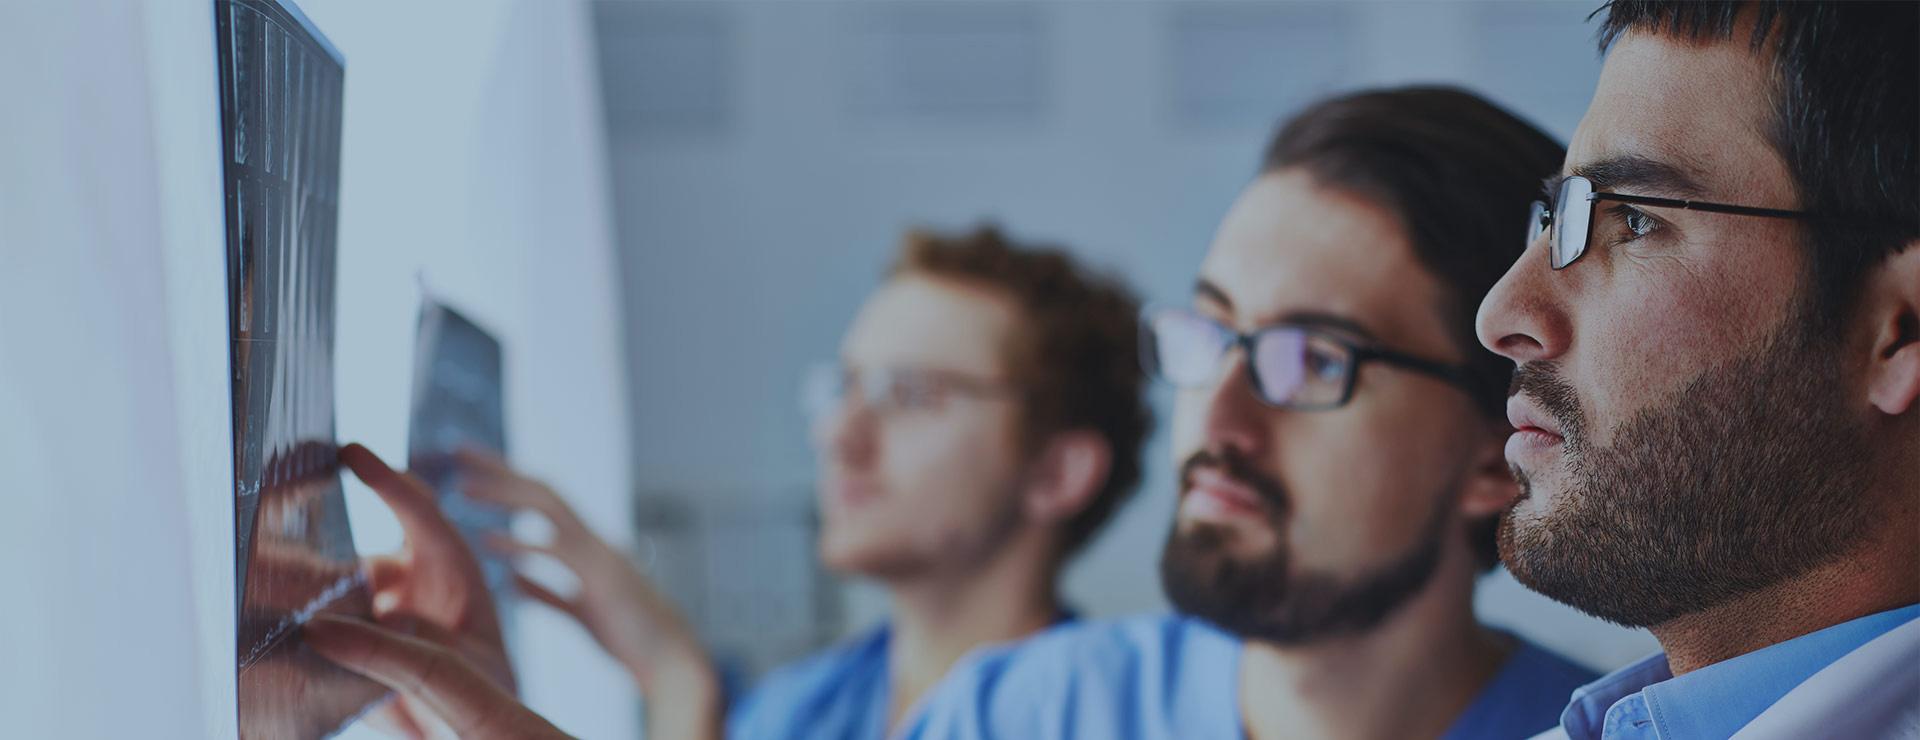 studiogc-temp-dottori-specialisti